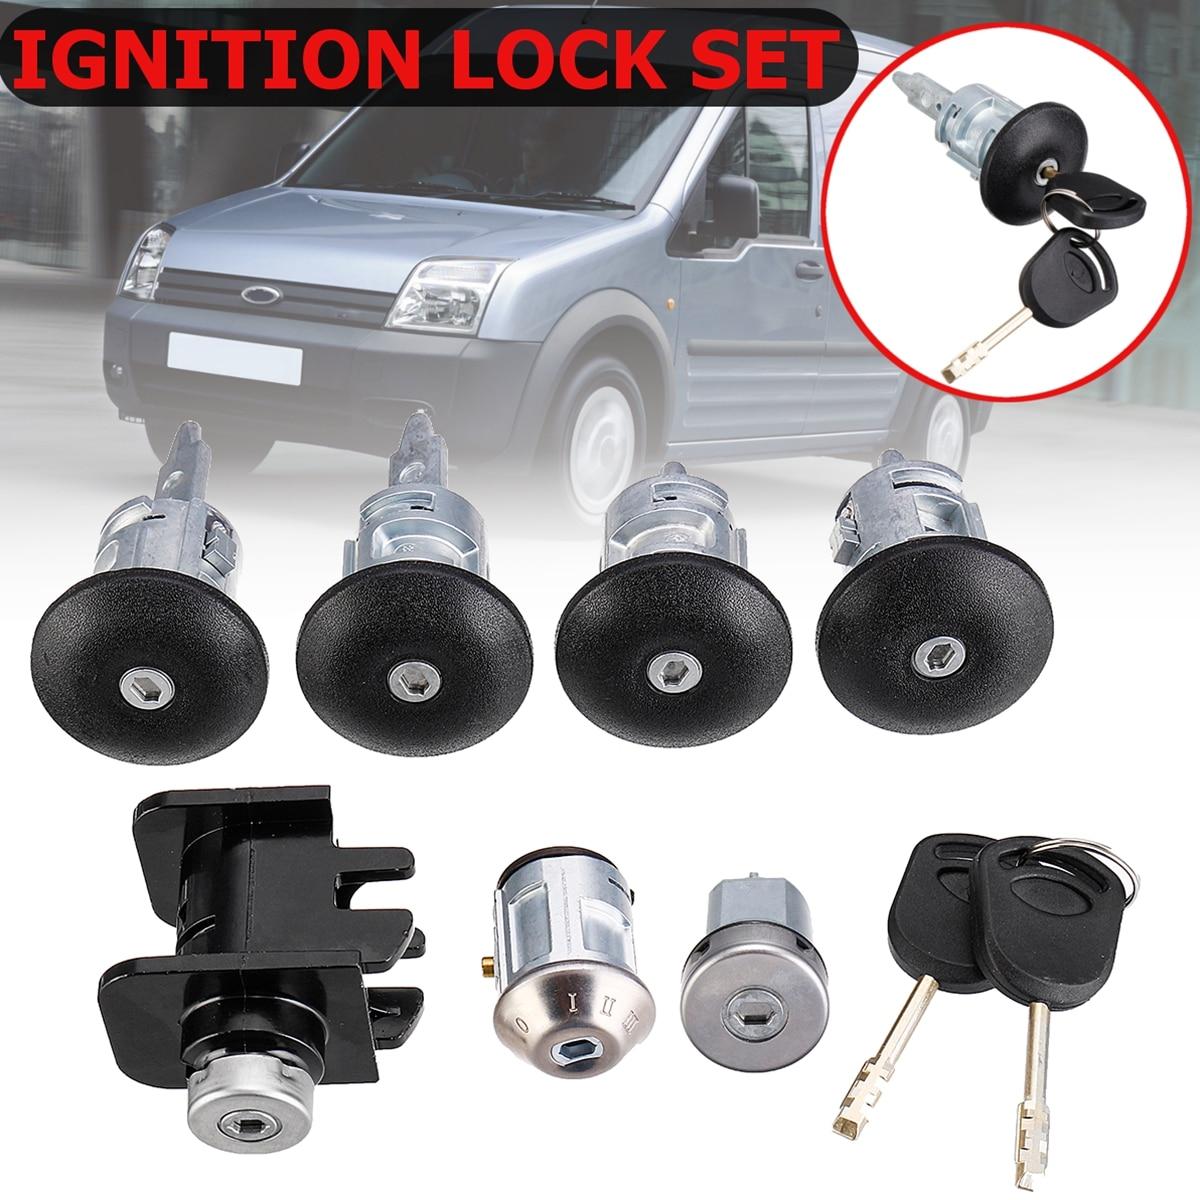 1Set Car Ignition Switch & Door Lock Barrel Set 2 Keys FOR FORD TRANSIT Mk6 Lock 2000 2001 2002 2003-2006 4359018 1C1A-V22050-BA